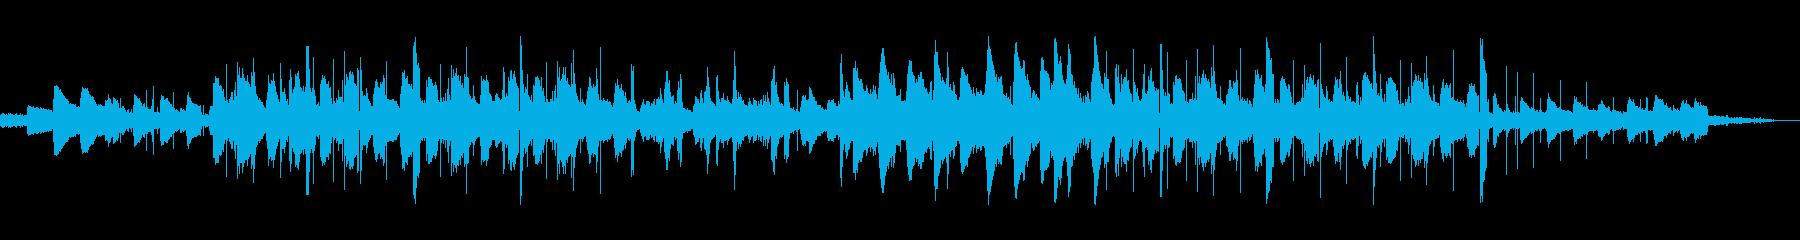 おしゃれなローファイジャズホップの再生済みの波形